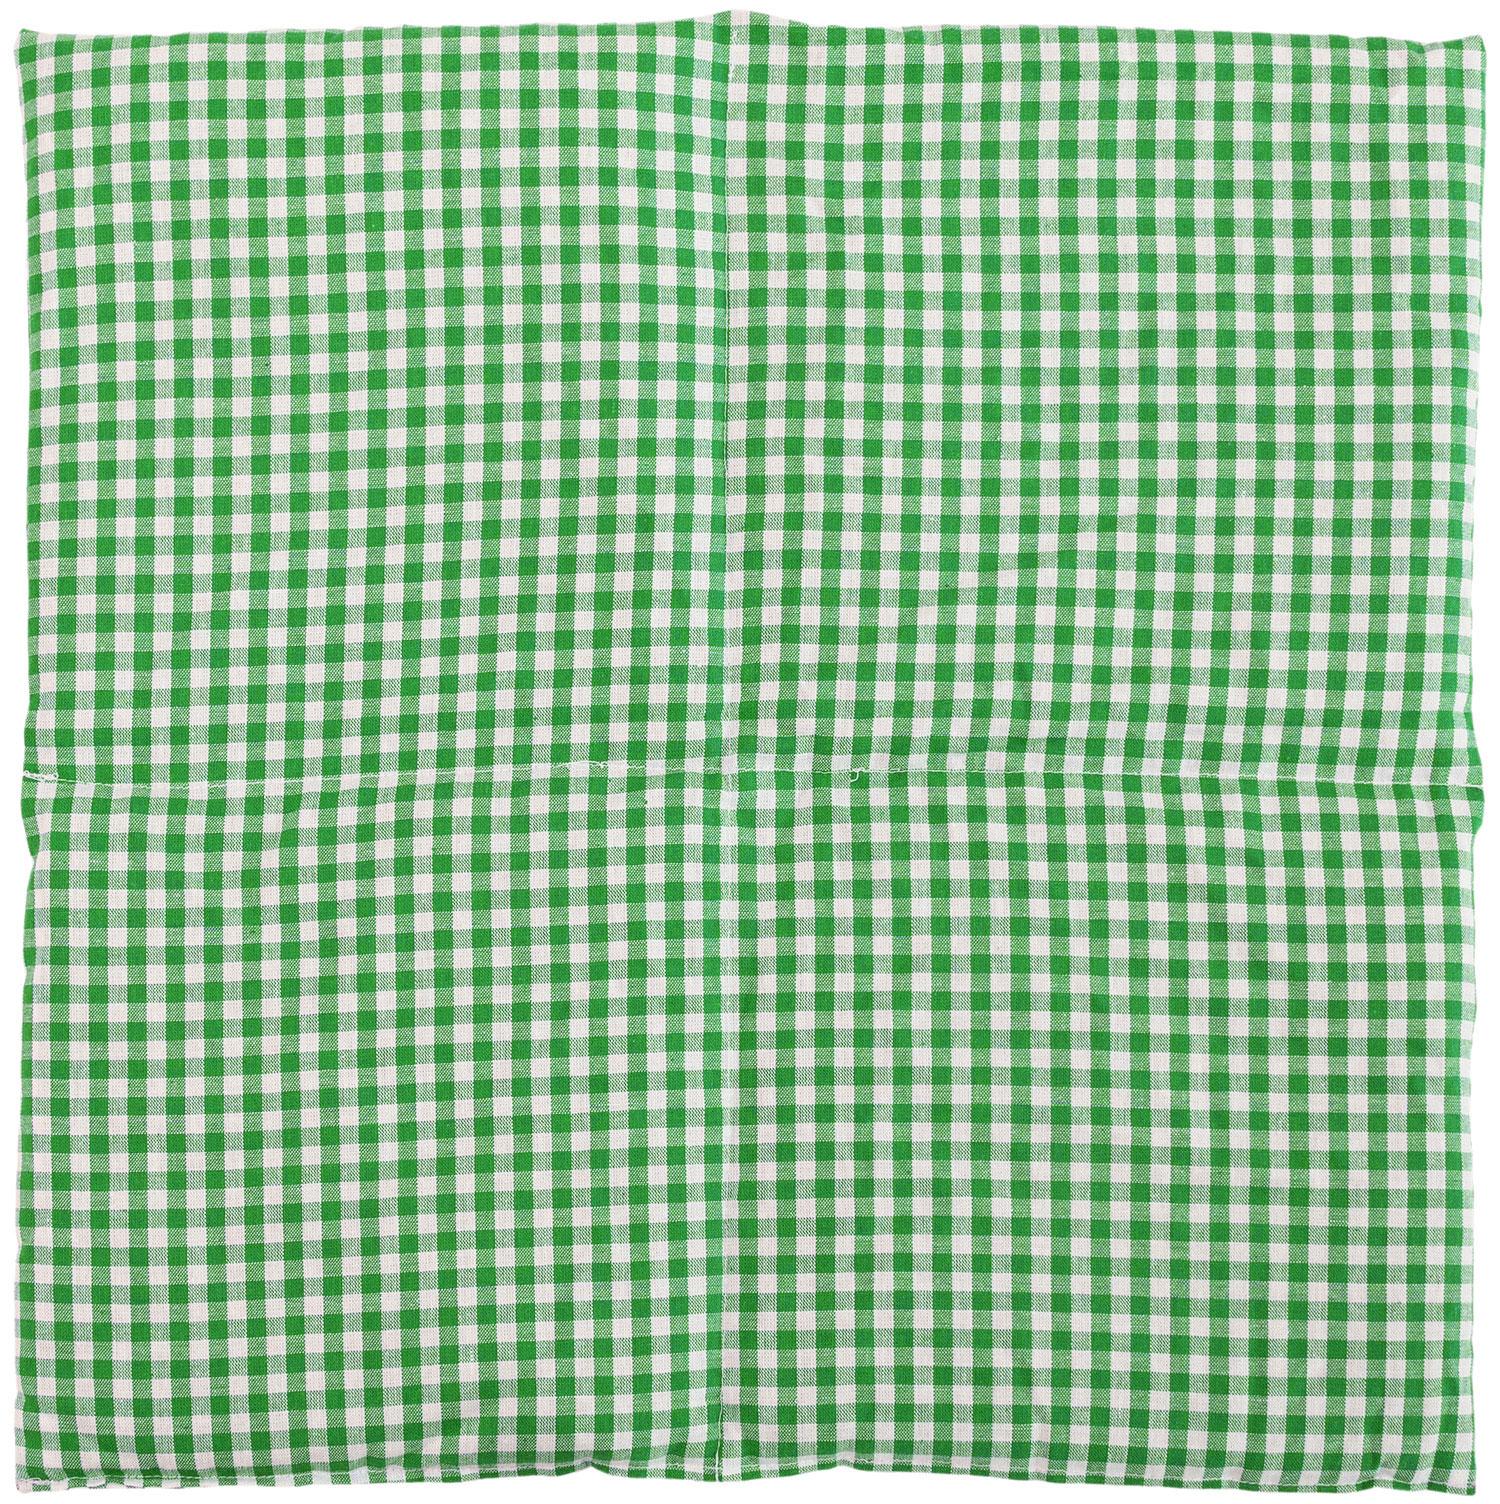 4-Kammer 40x40cm grün-weiß